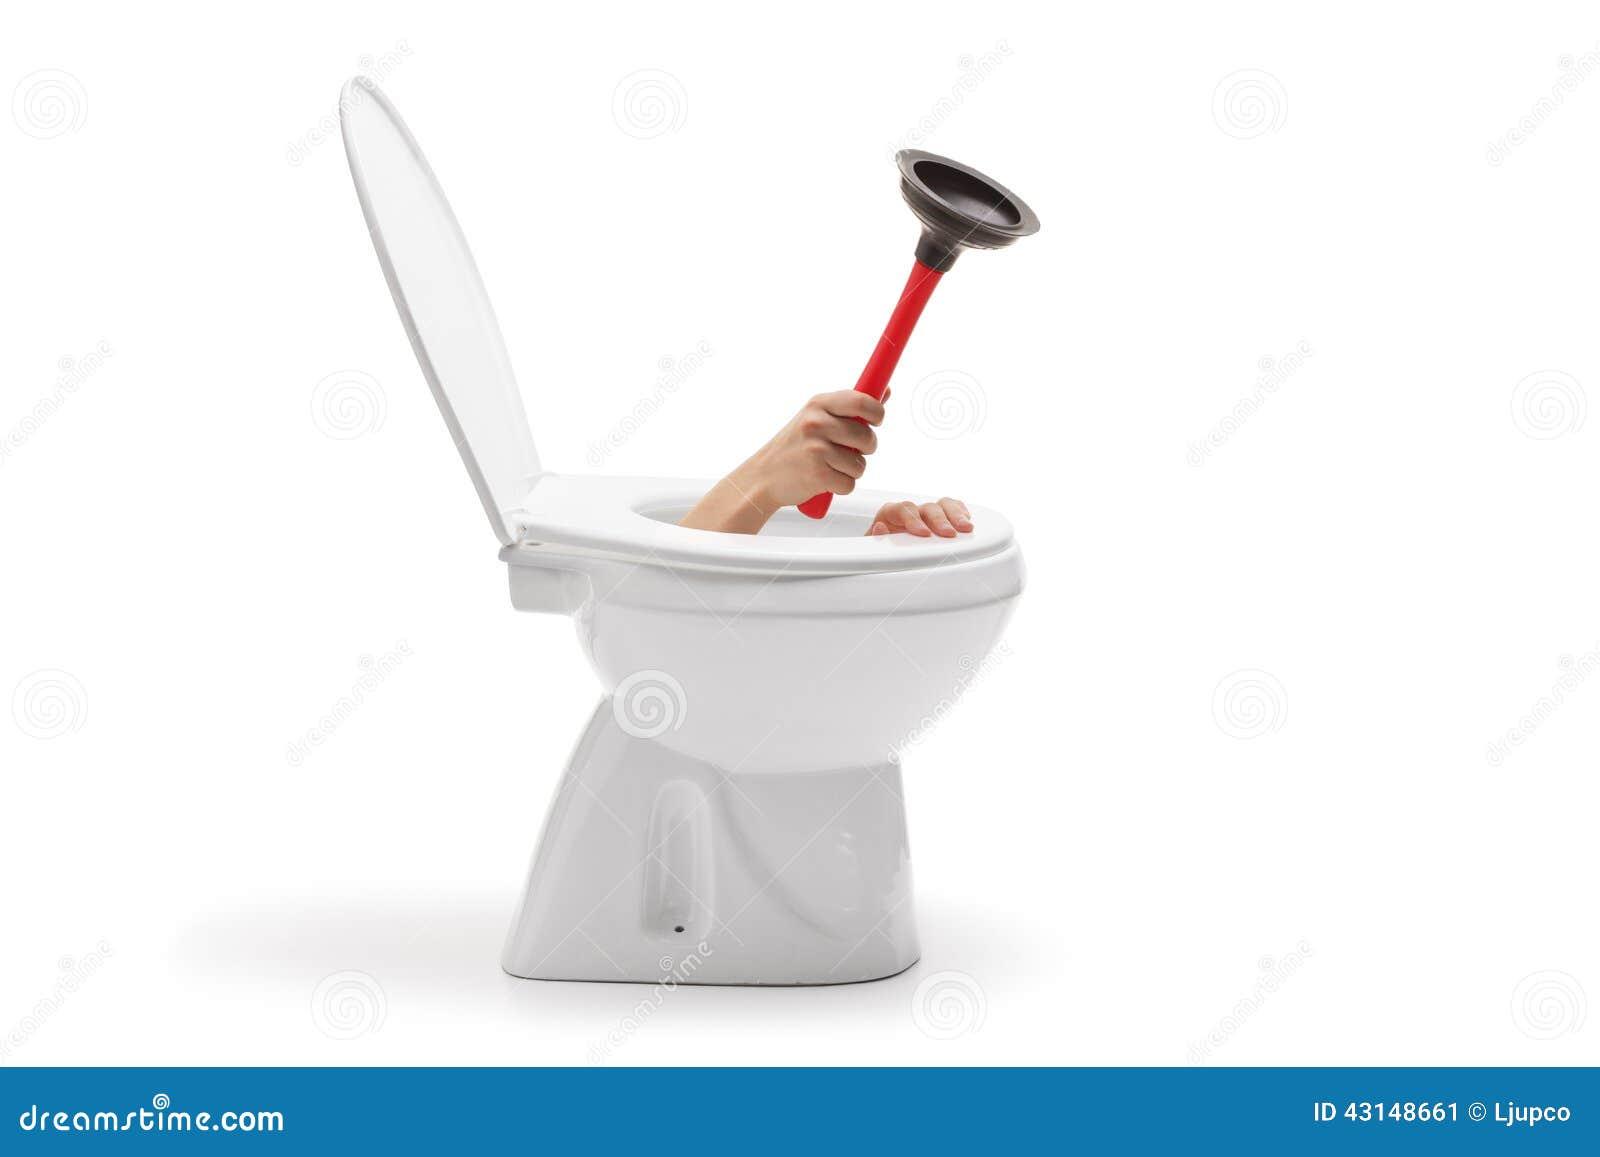 Χέρι με ένα λαστιχένιο φλυτζάνι αναρρόφησης που προέρχεται από το κύπελλο τουαλετών